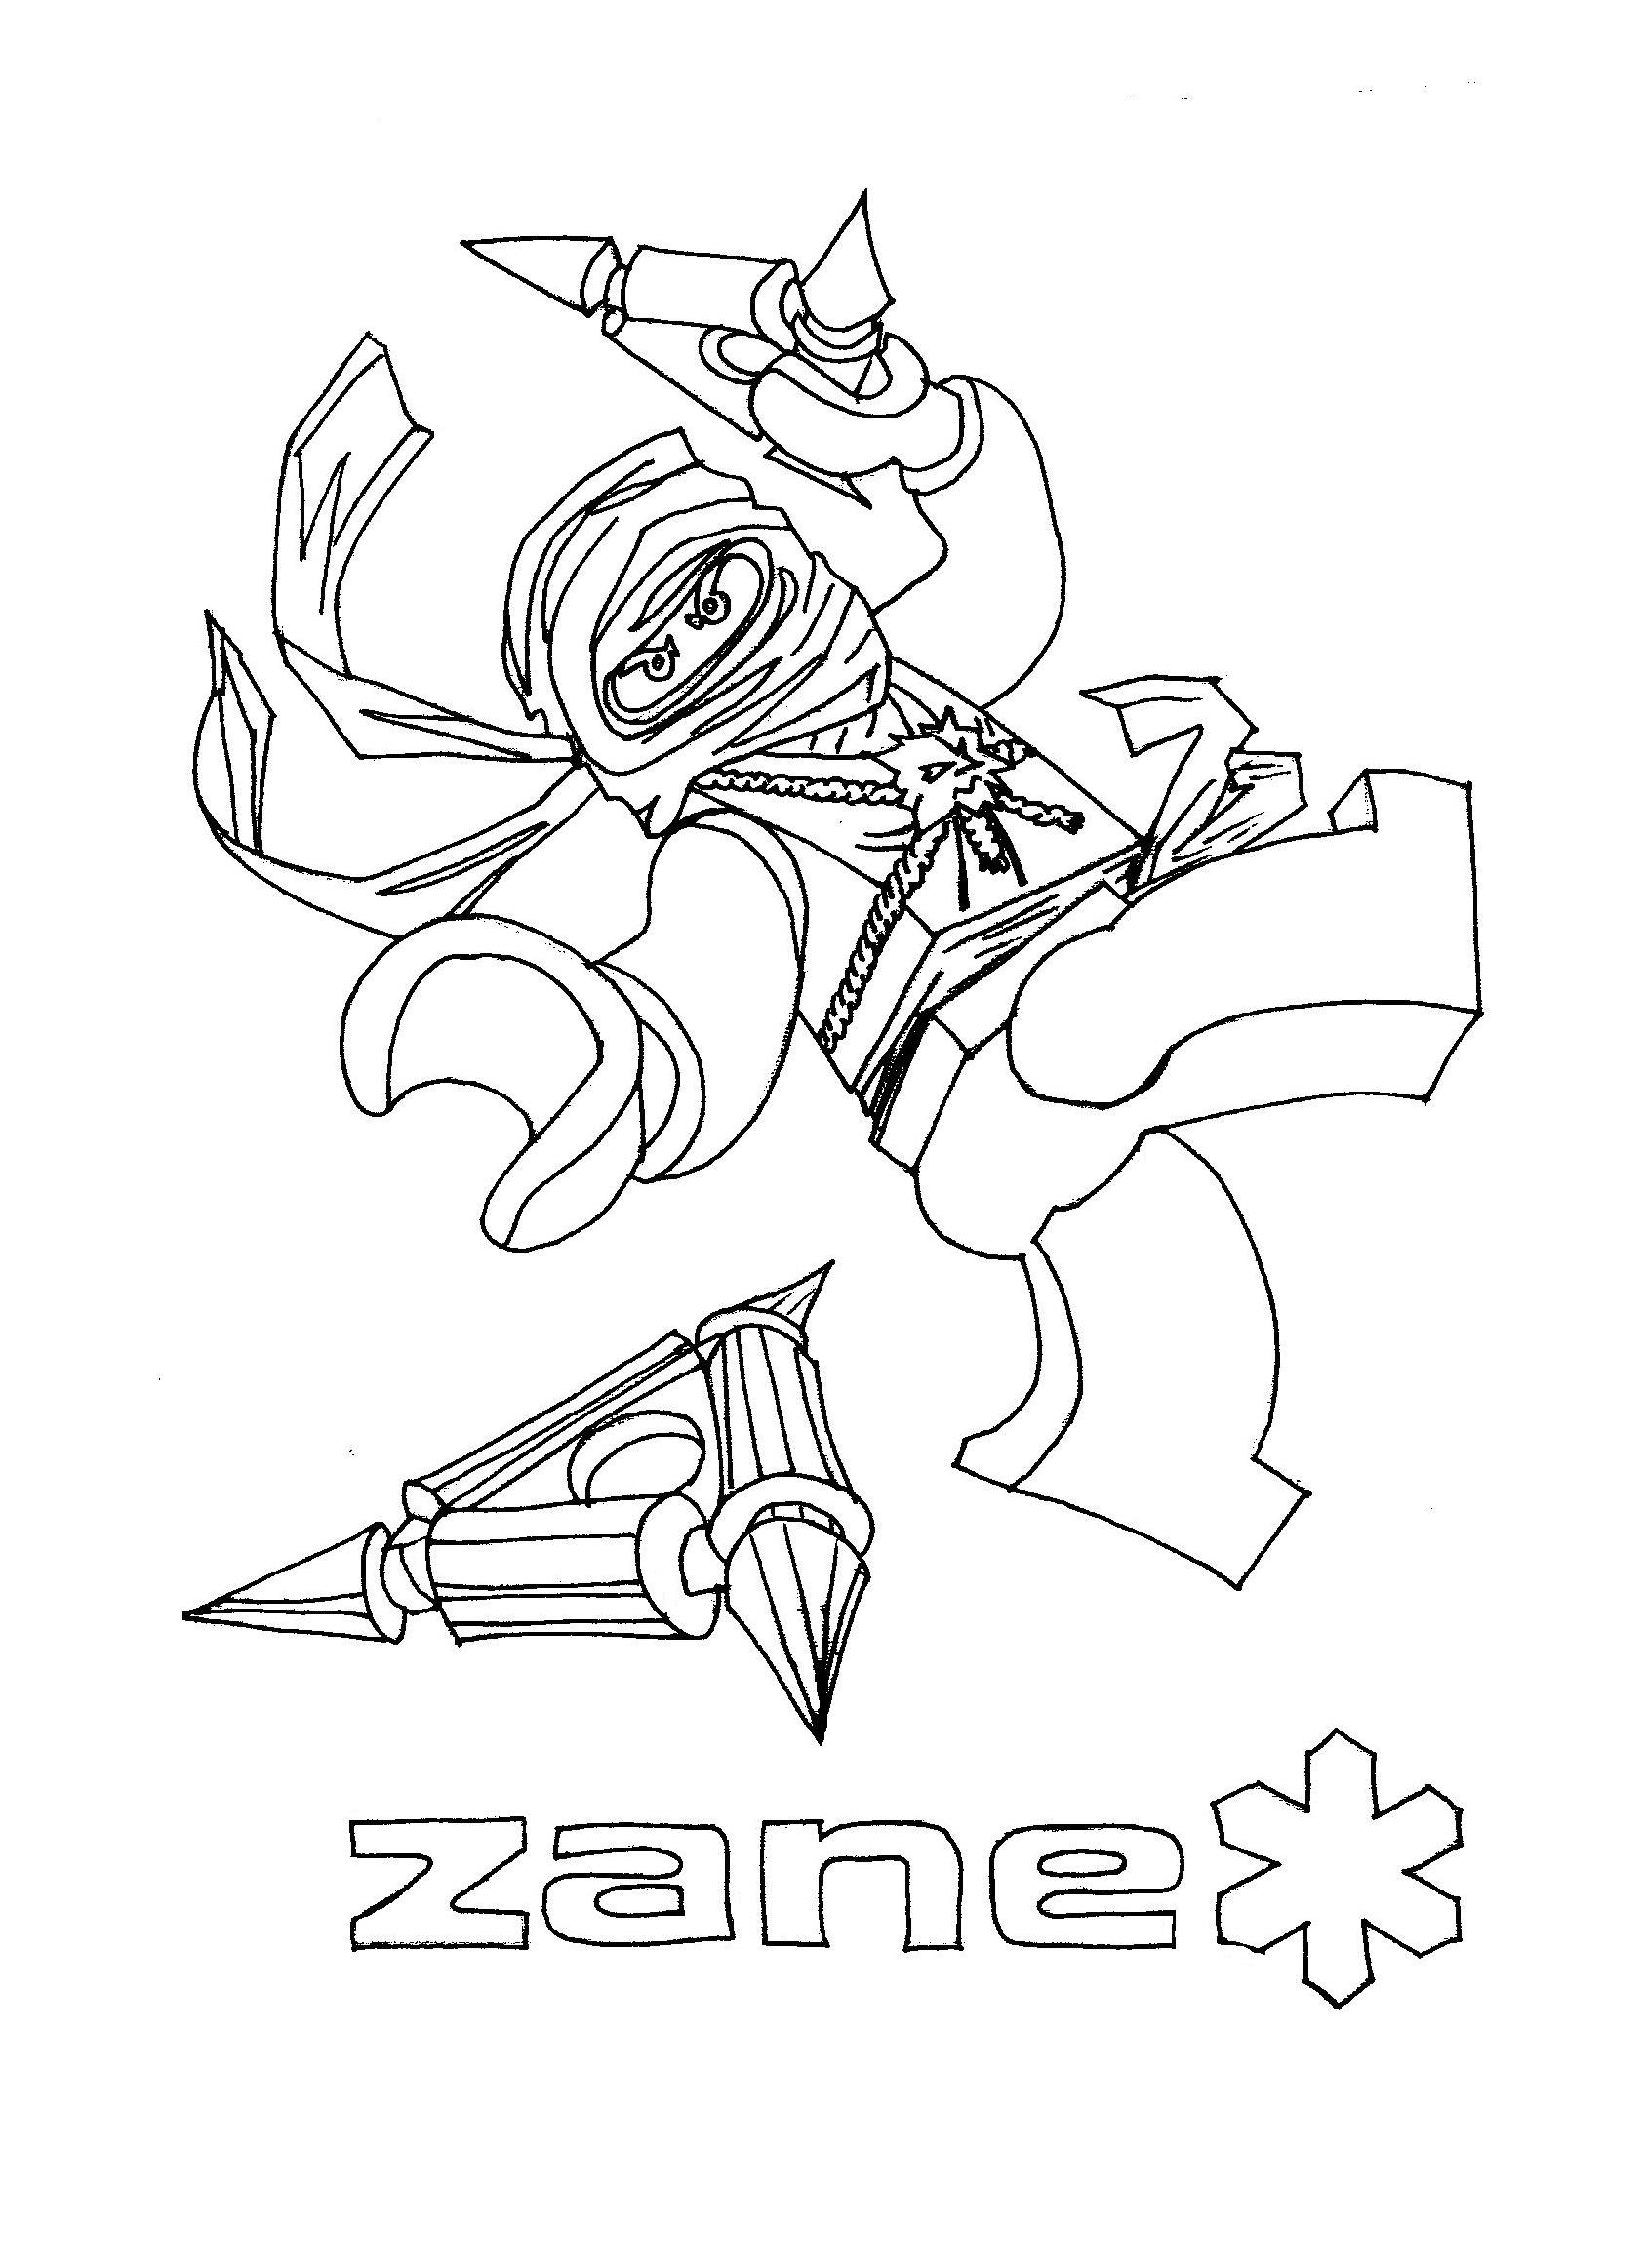 dessin à colorier hero factory imprimer